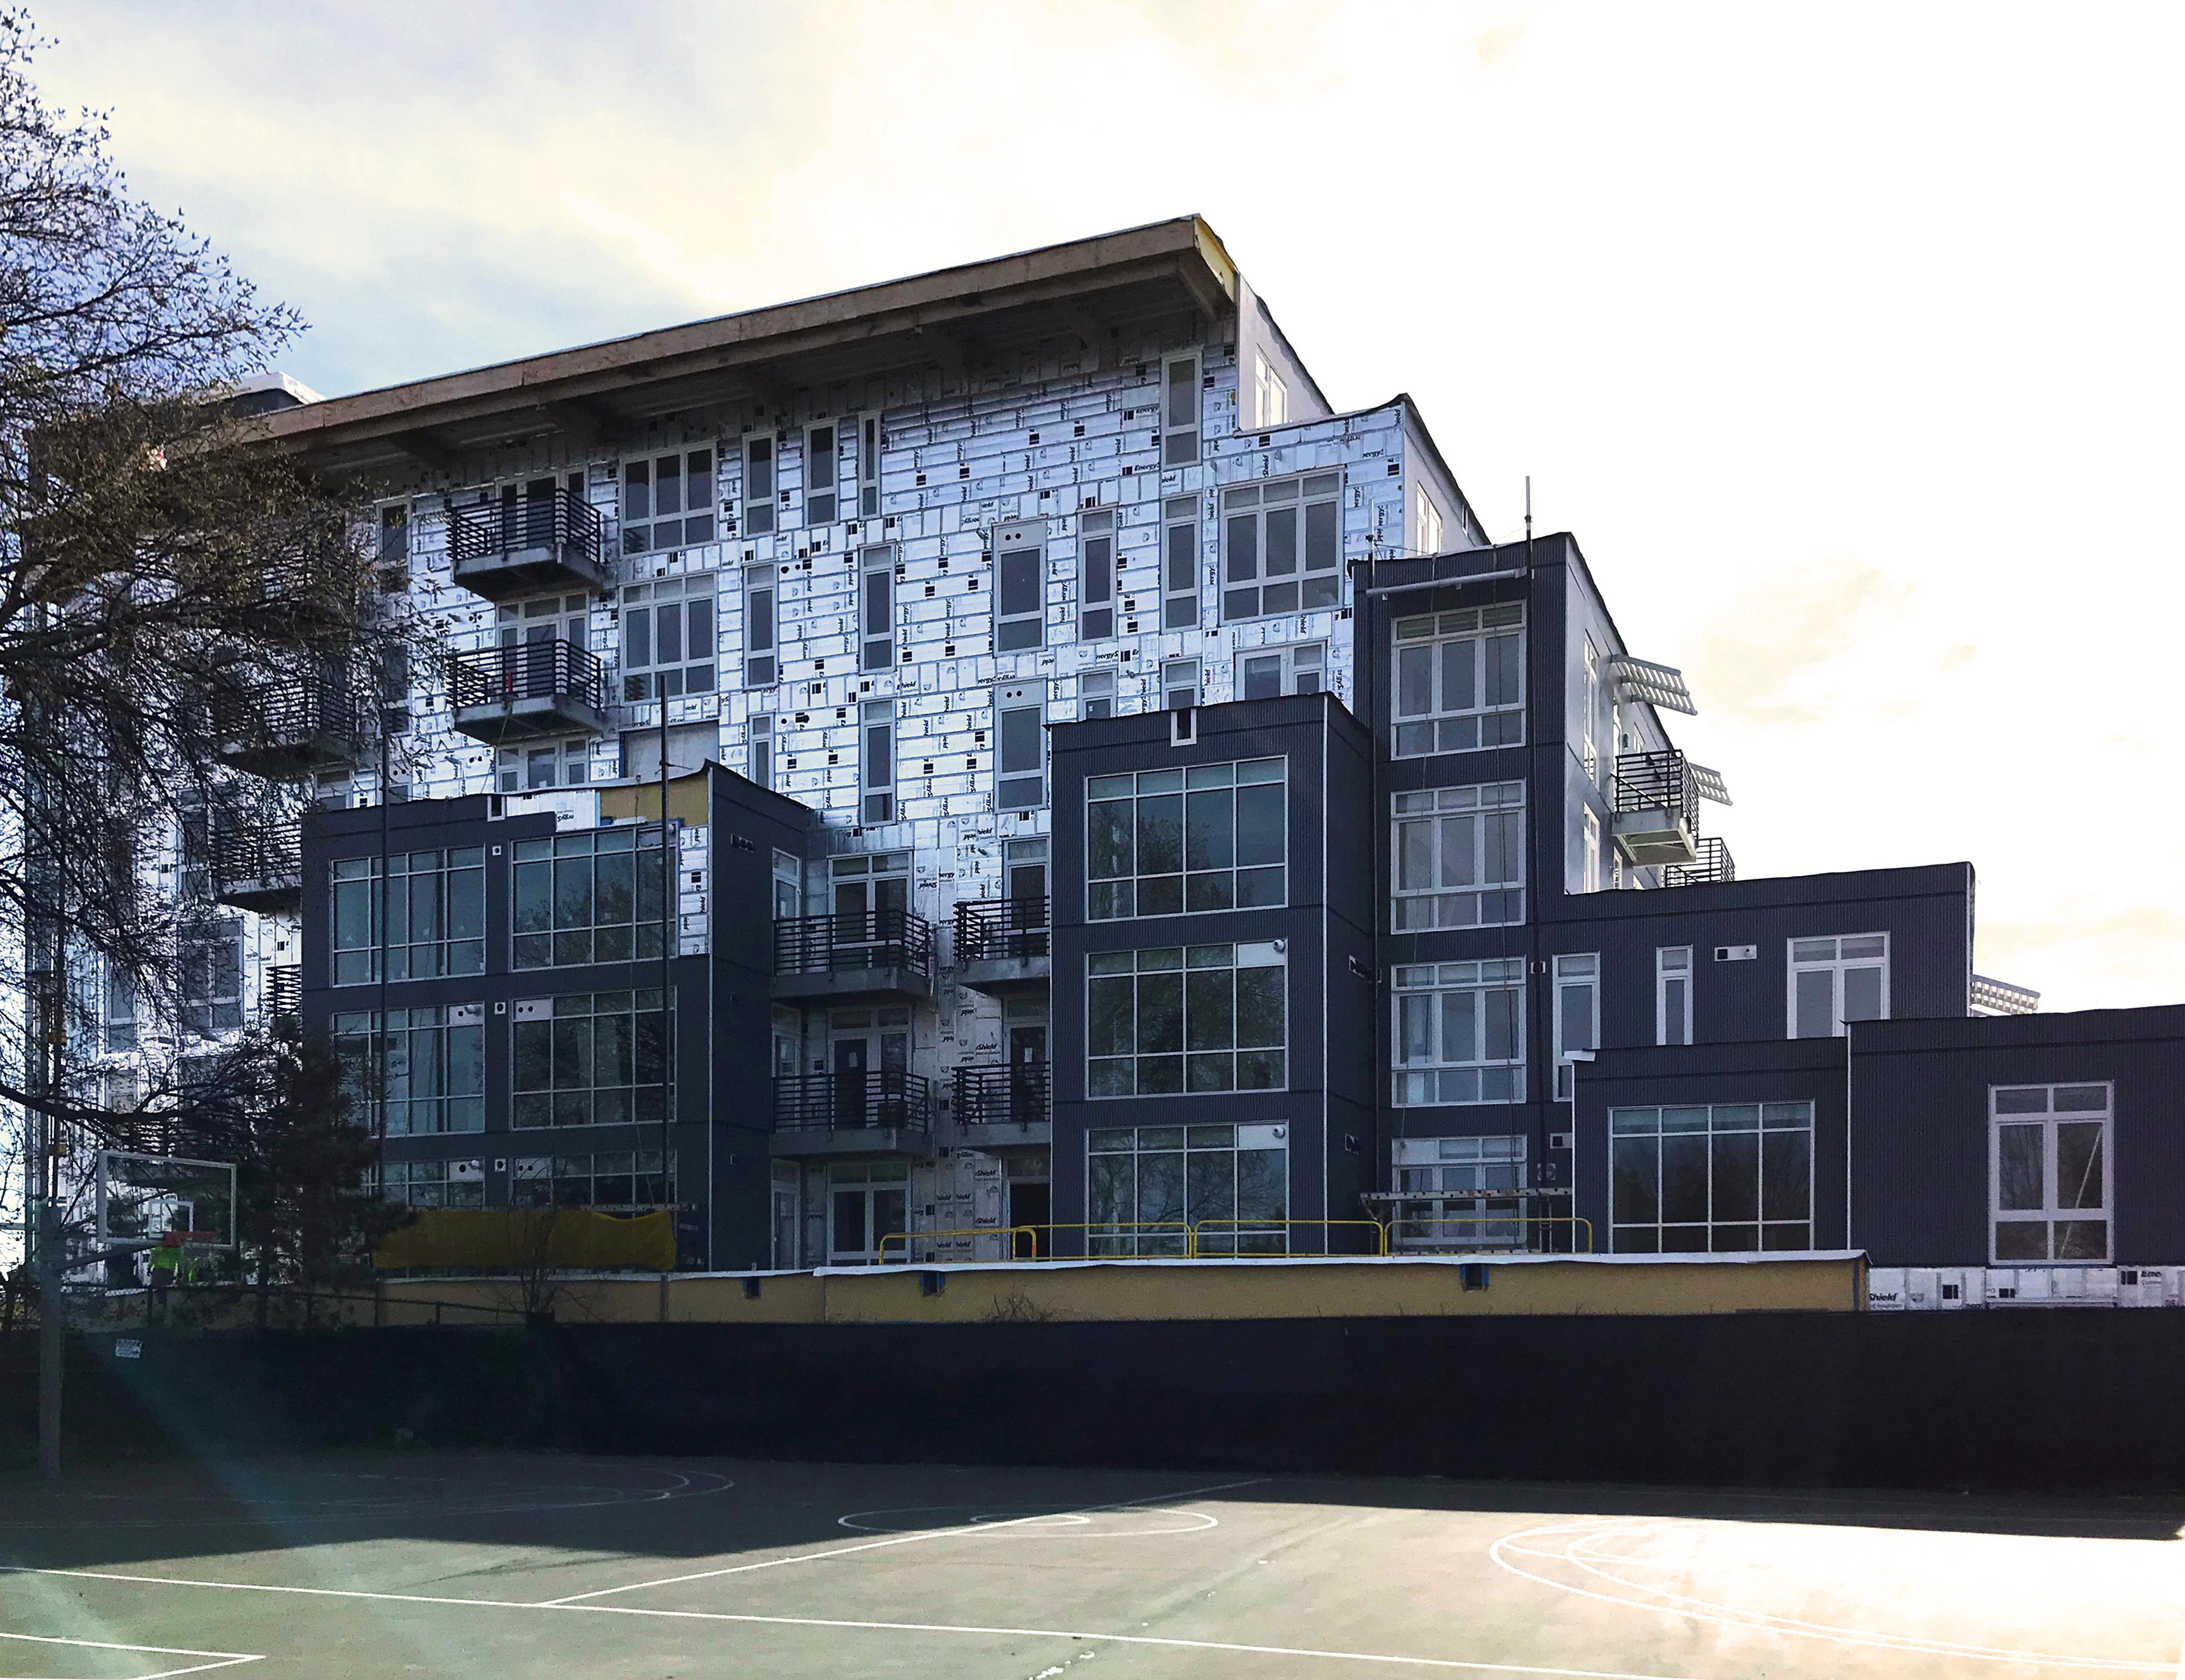 Point 262 Condominiums in-progress - featuring INTUS Windows